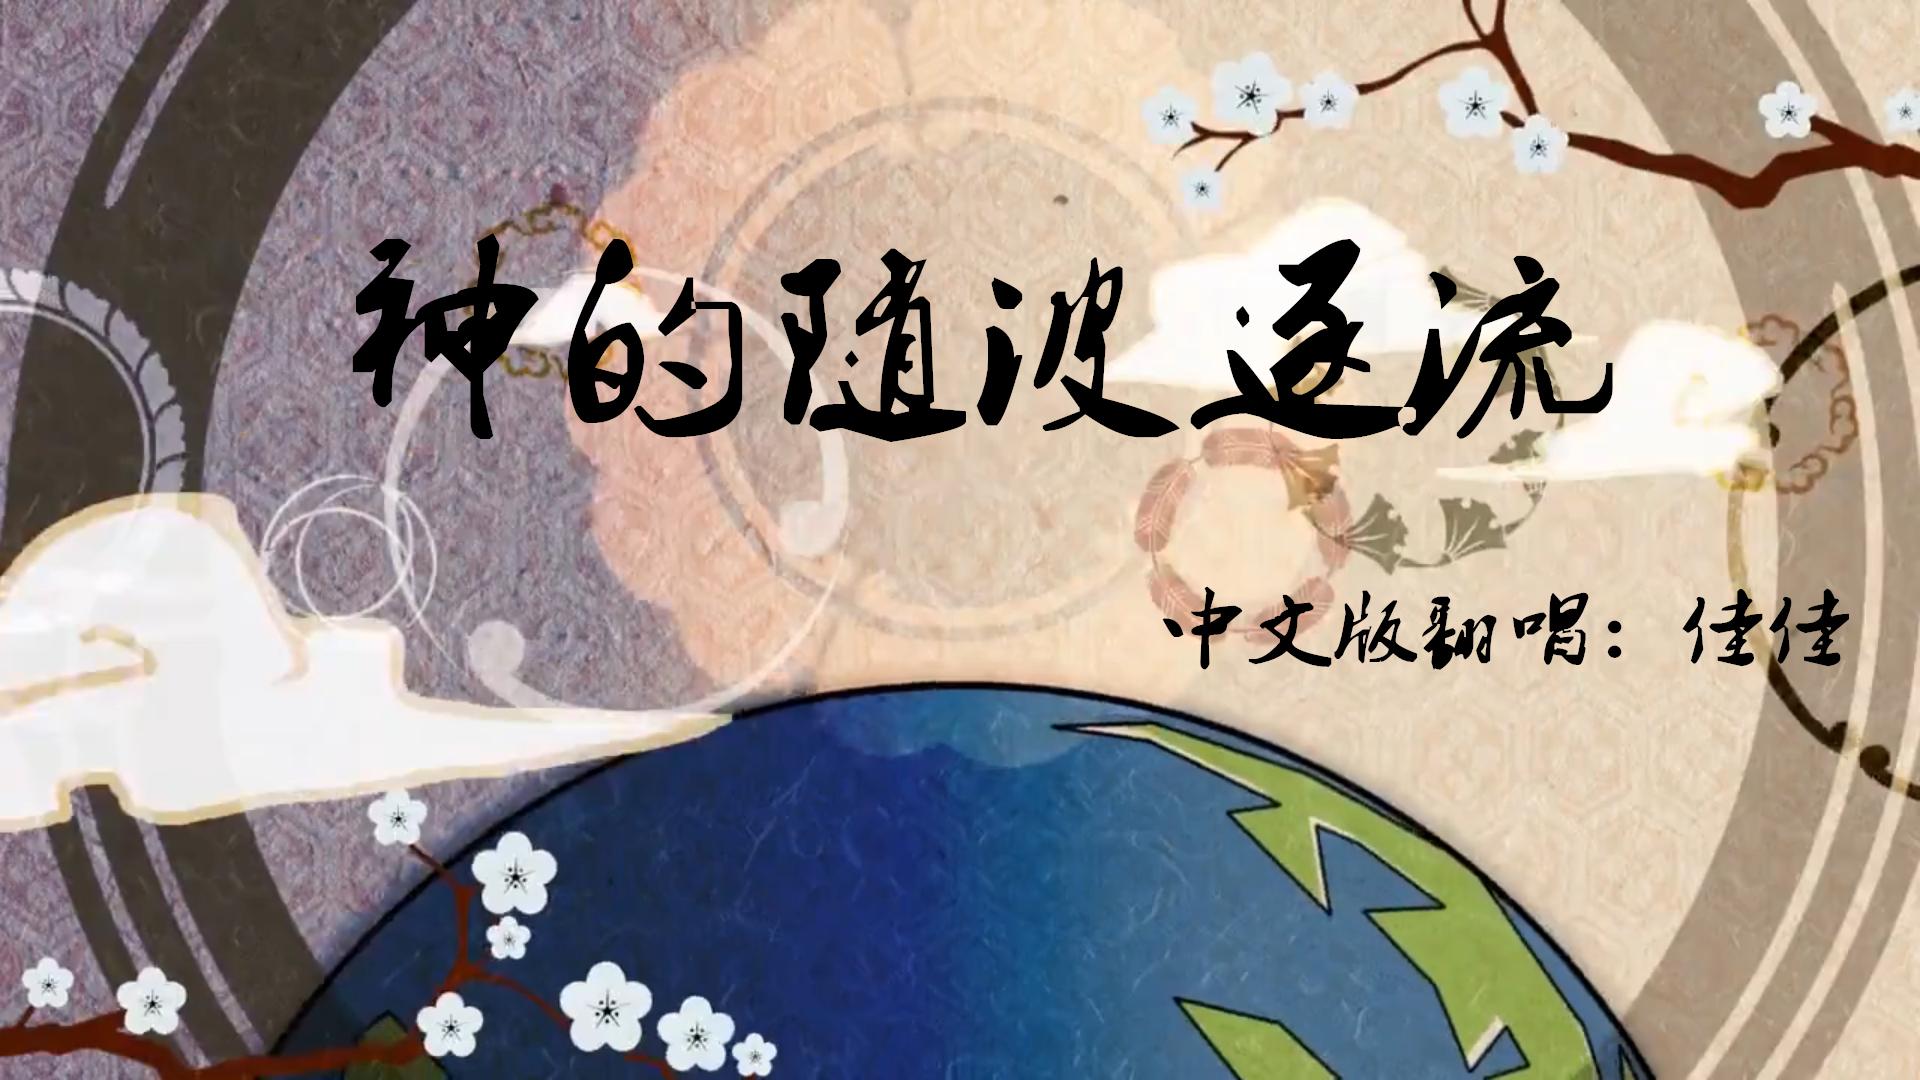 「神的随波逐流」中文版翻唱!其实是跟唱(没有了原唱我活不下去系列)